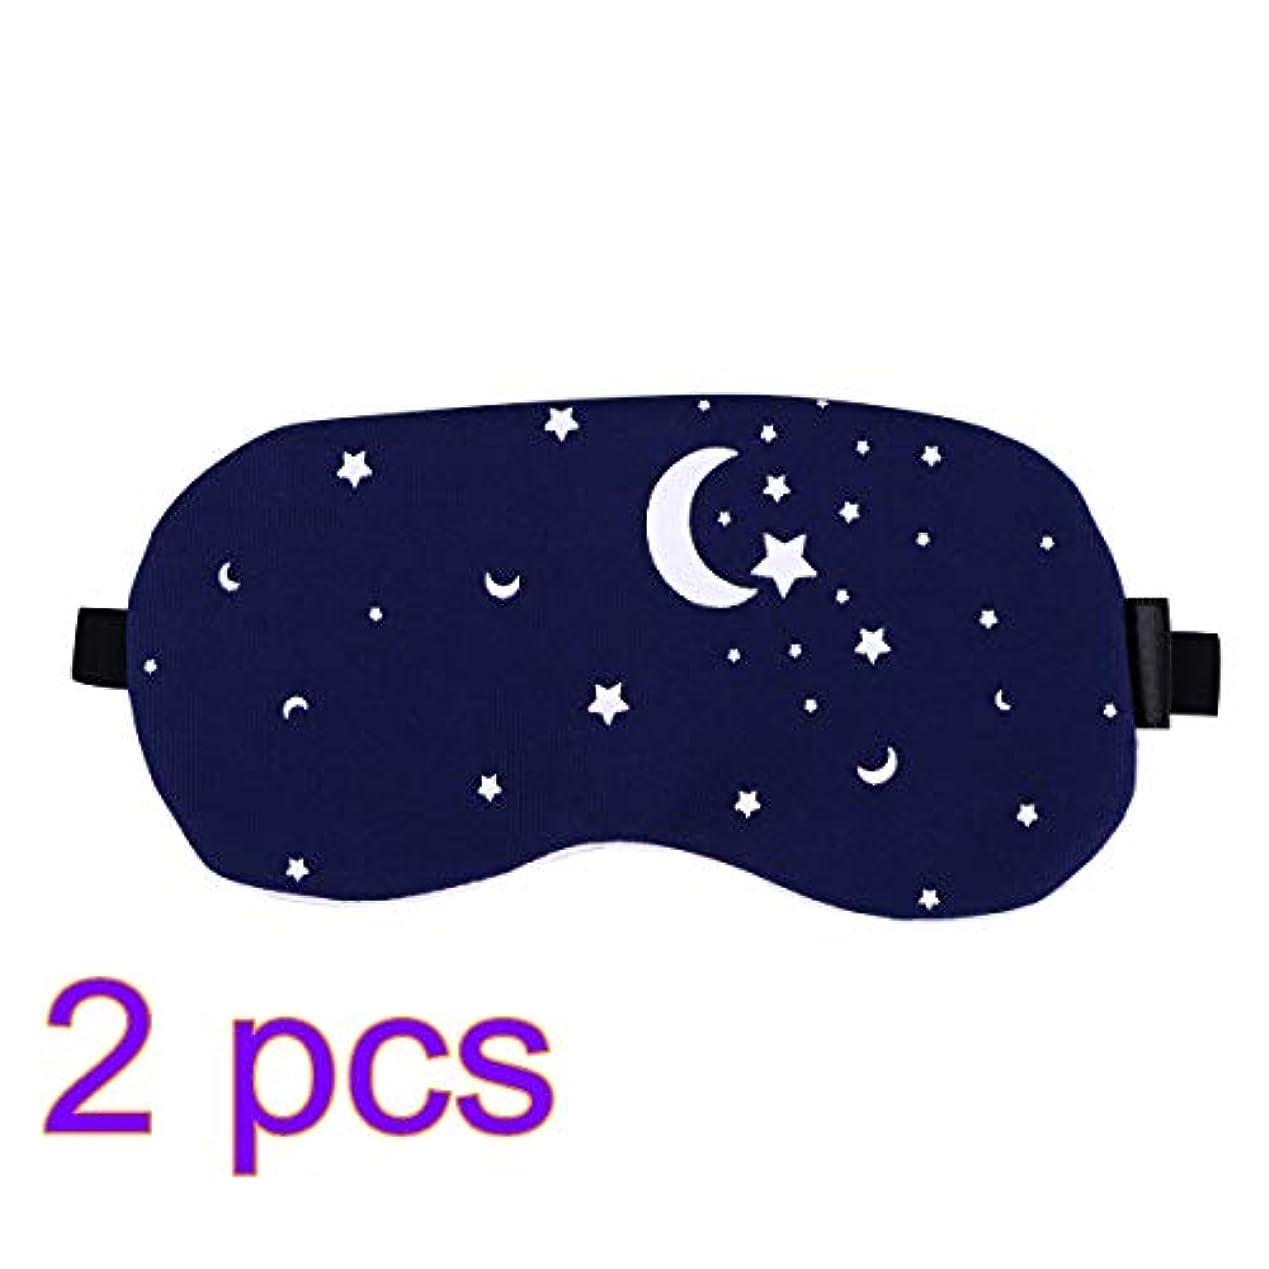 ローラー金貸し大宇宙Healifty コットンとリネンアイスリーピングマスクブラインドパッチアジャストストラップコールド/ホットジェルストレス緩和用女性のためのふくらんでいる目の頭痛を解消2pcs(Starry Sky)